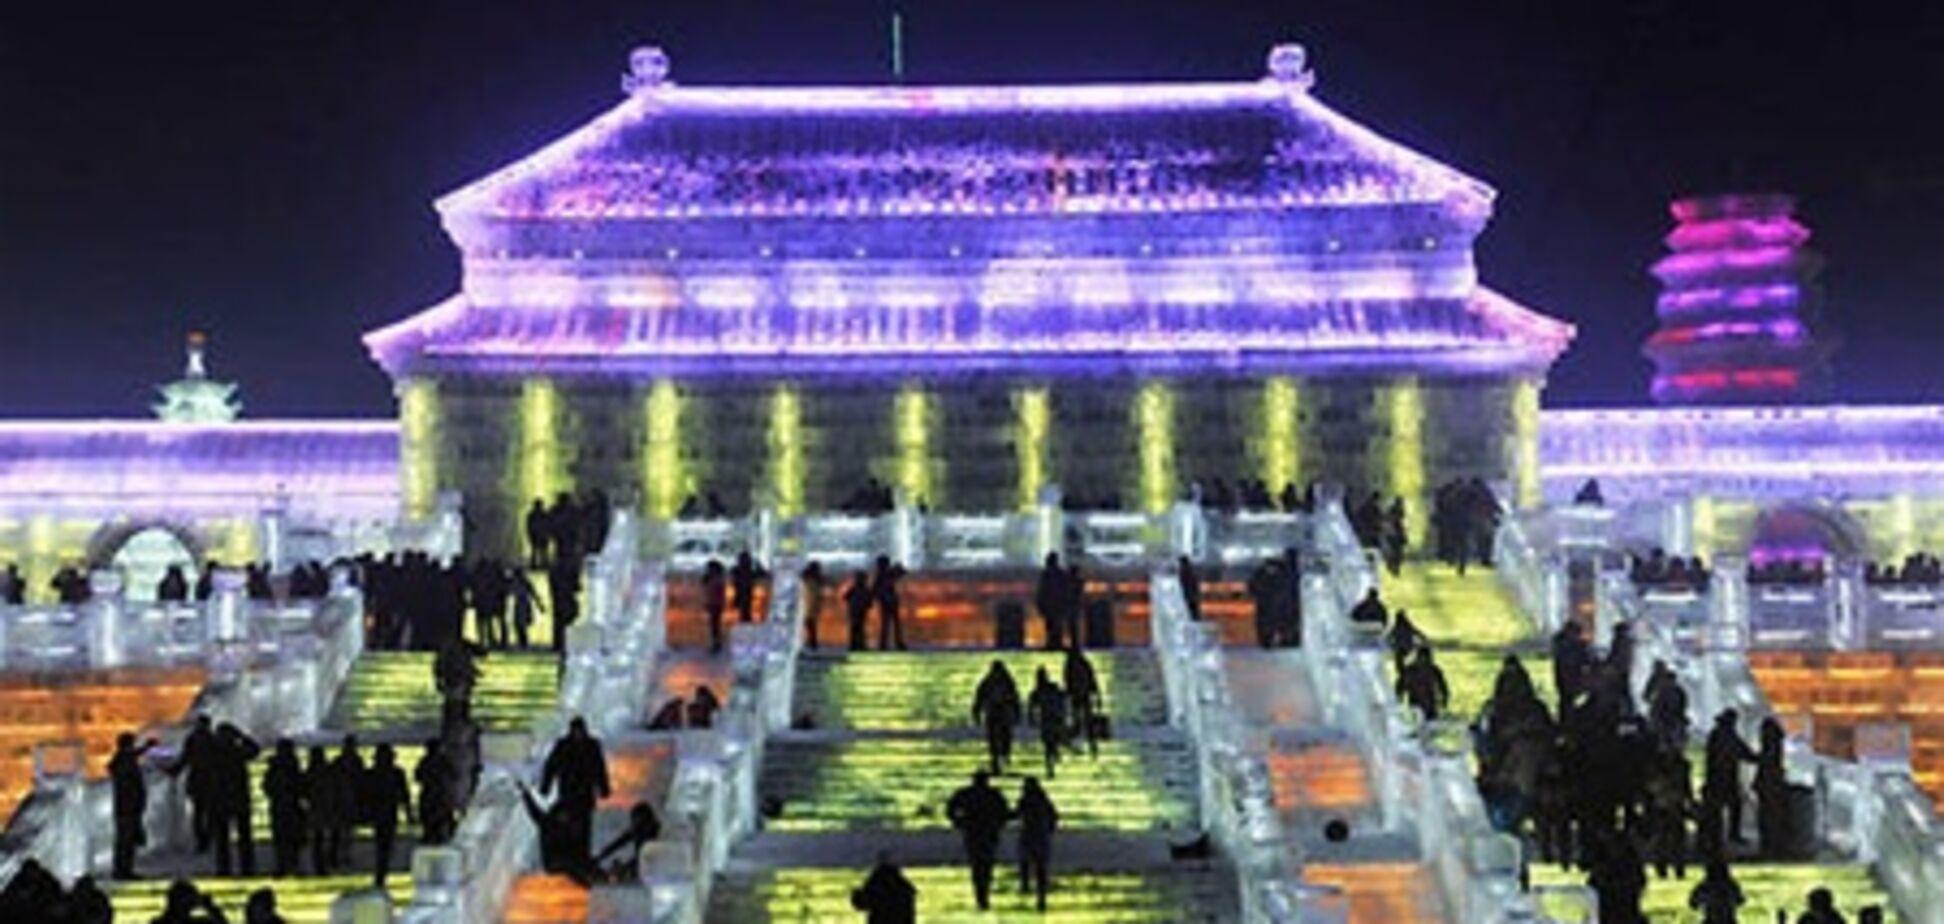 В Китае построили крупнейший в мире дворец изо льда